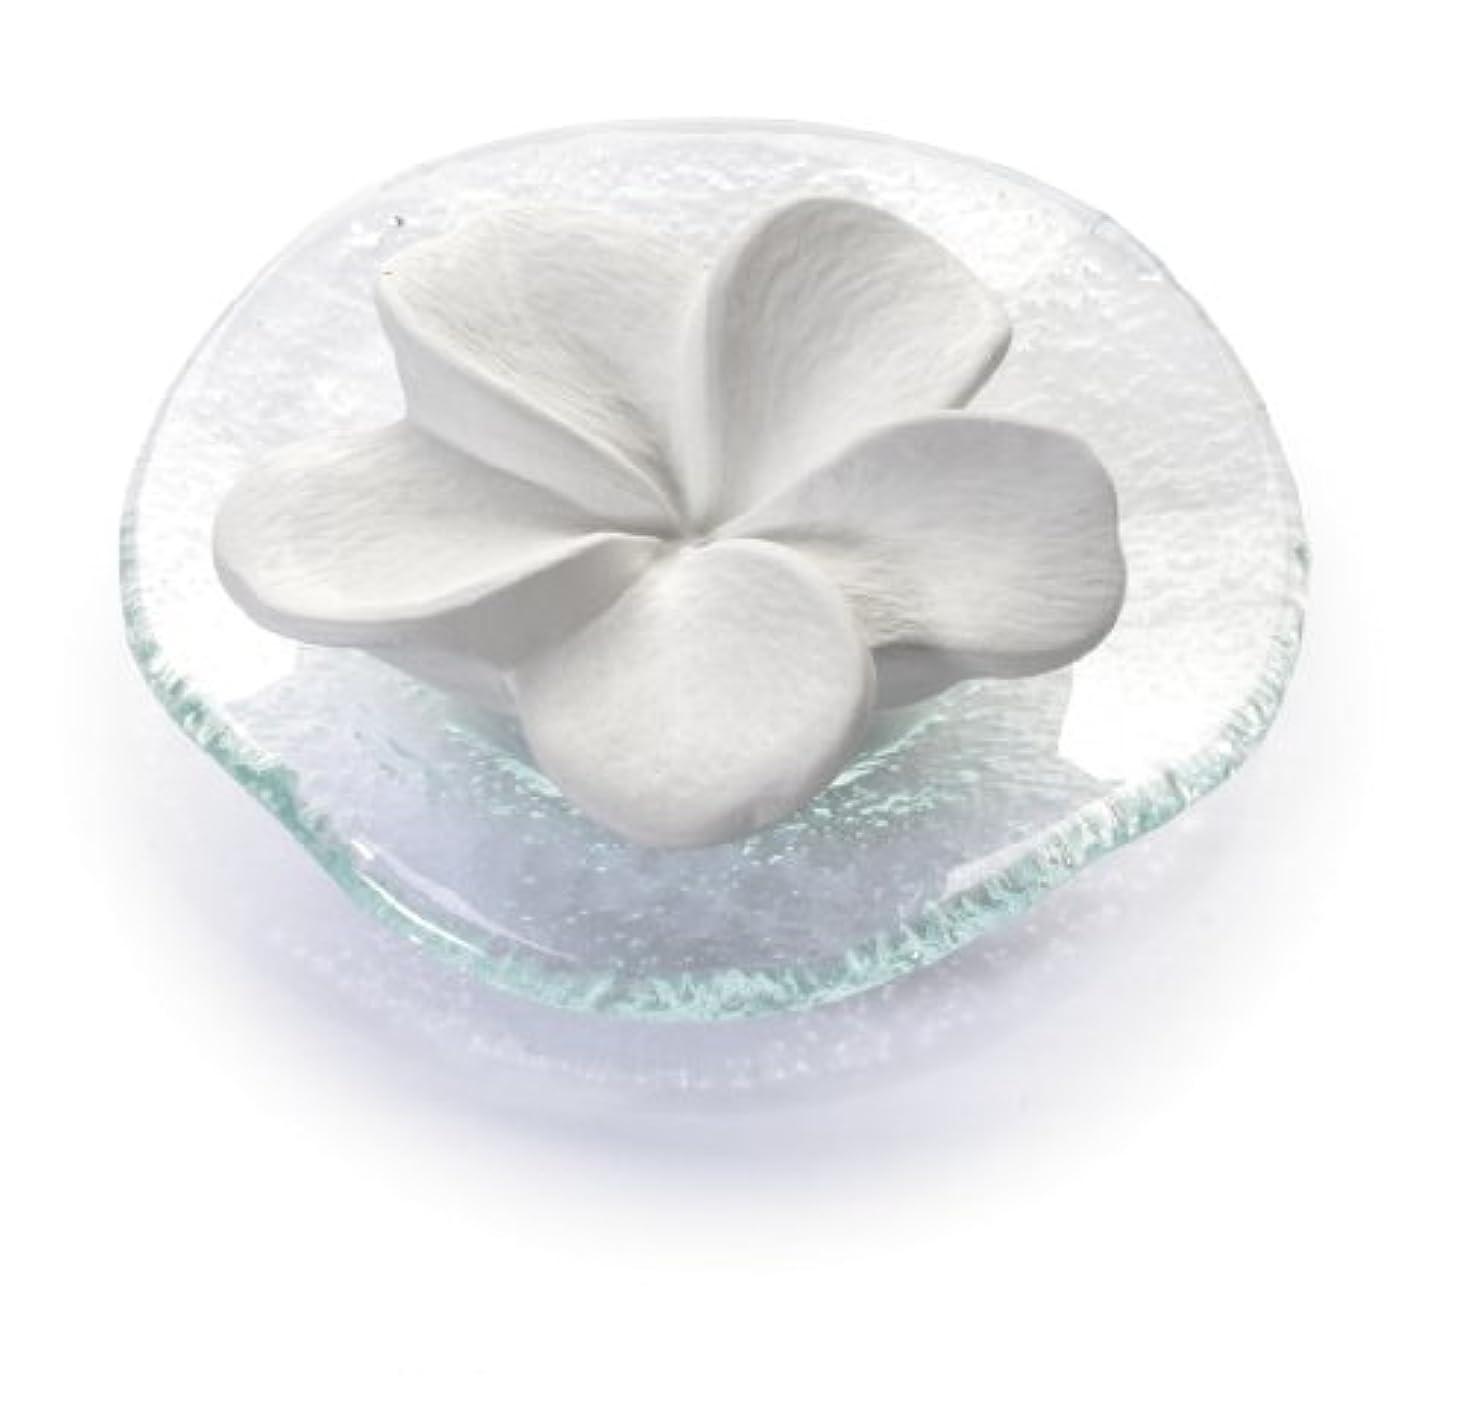 検索エンジンマーケティングクラフト検索エンジンマーケティングポマンダー フランジュパニ(ガラズ皿つき)プリマヴェーラ(プリマベラ)「天の香り」